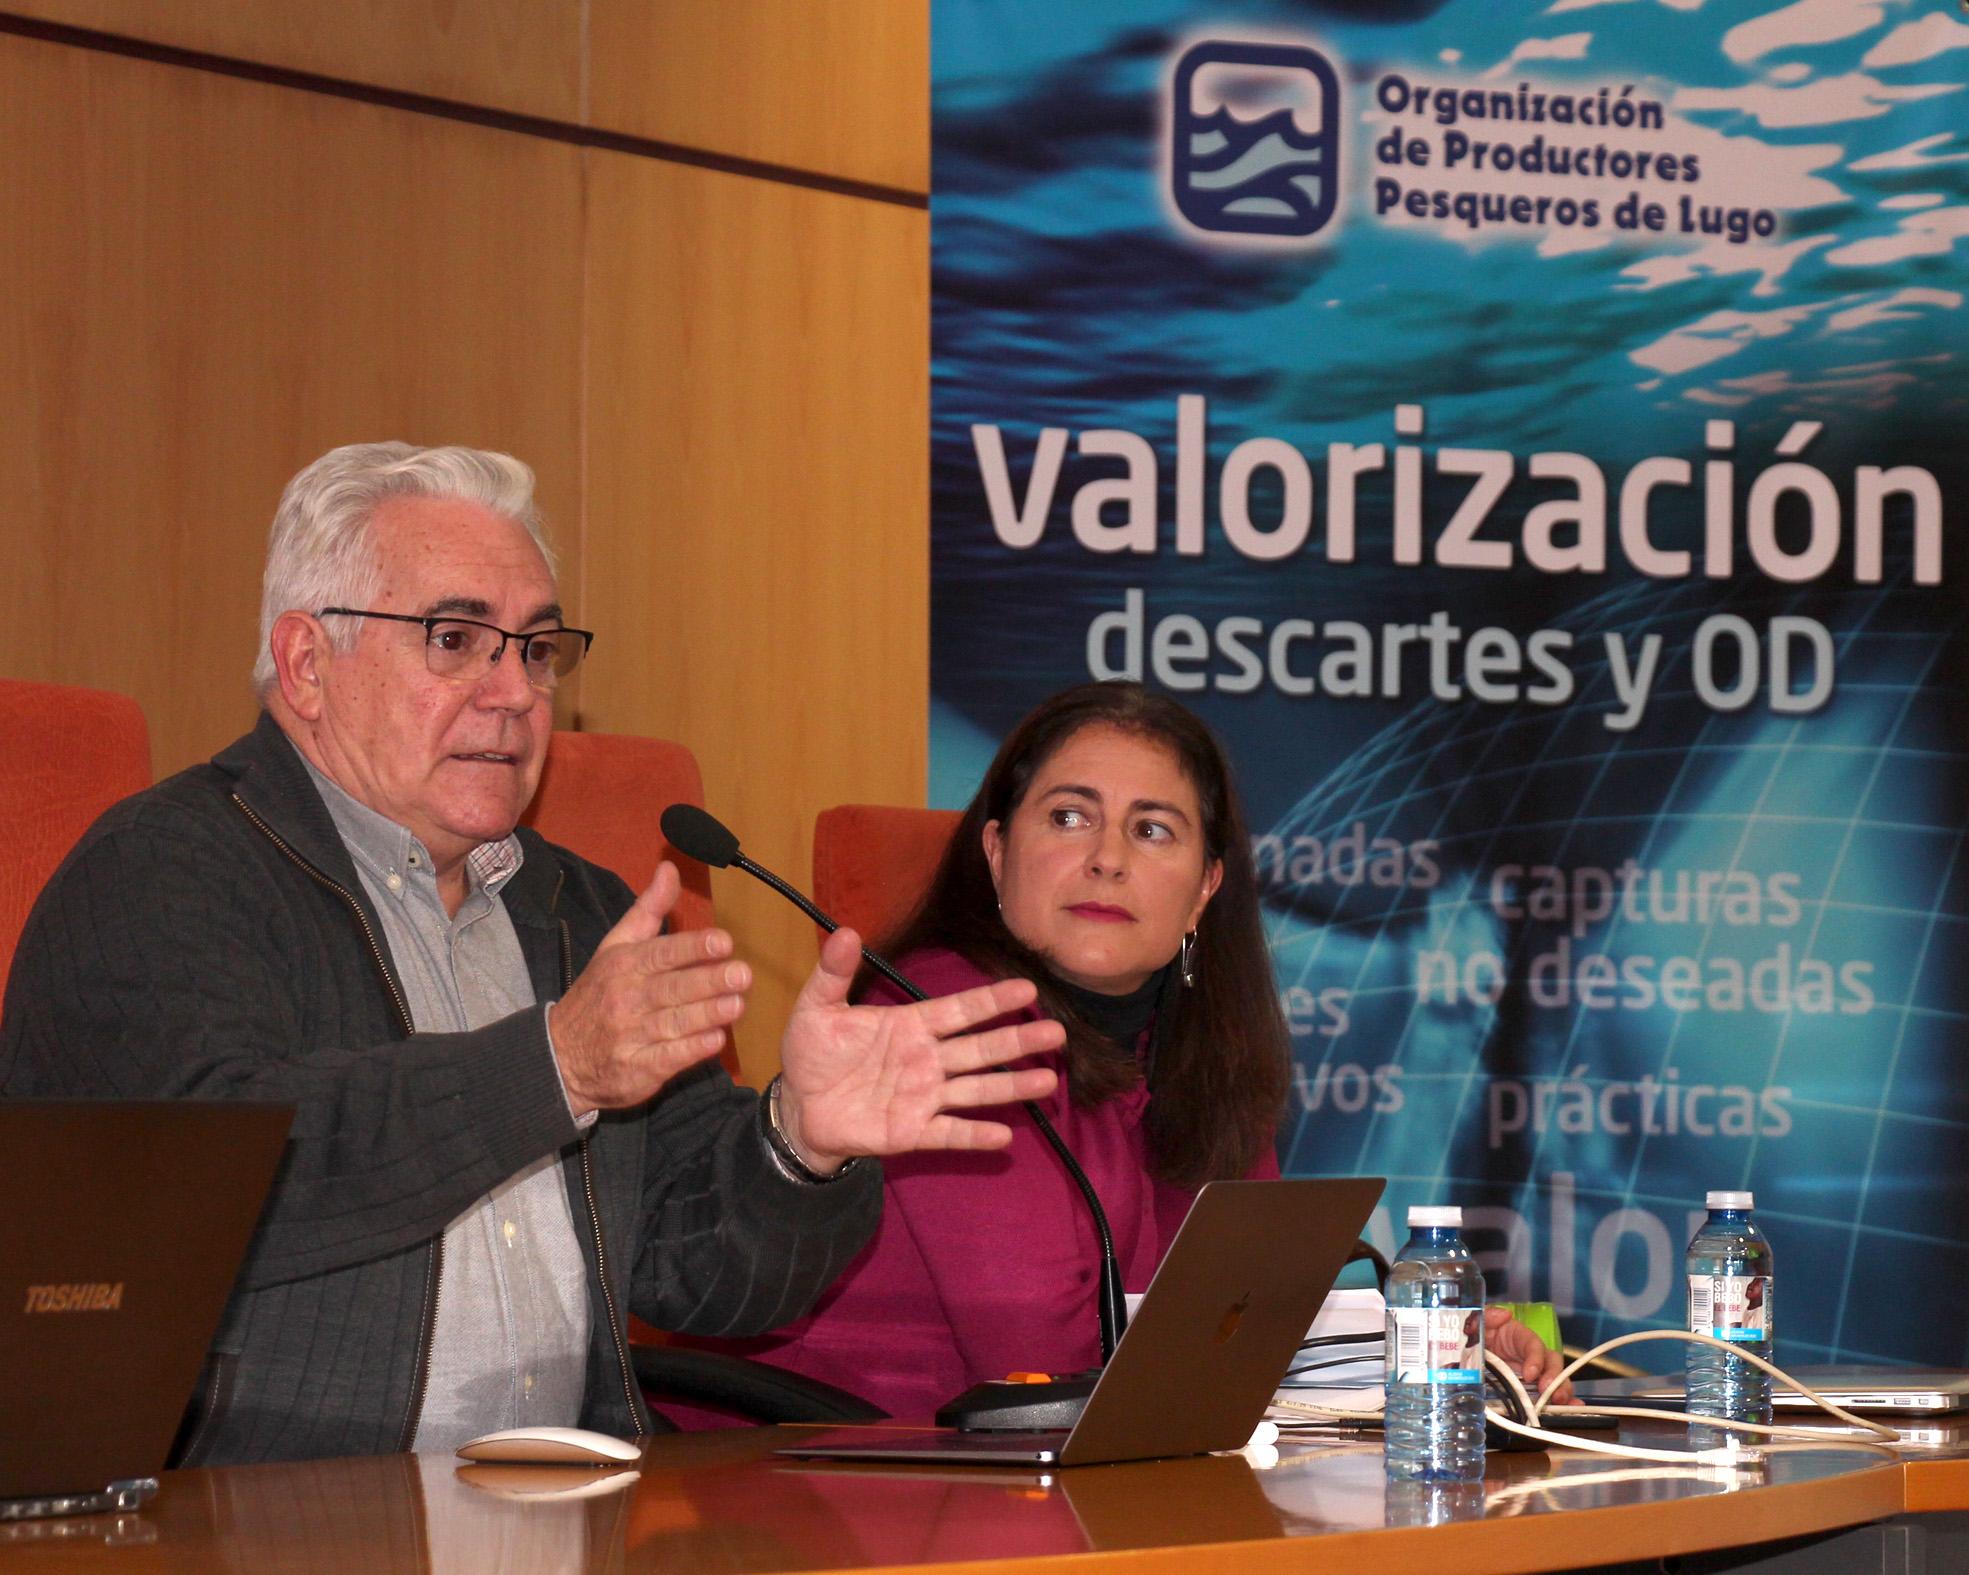 JORNADA SOBRE VALORIZACIÓN, DESCARTES Y OD